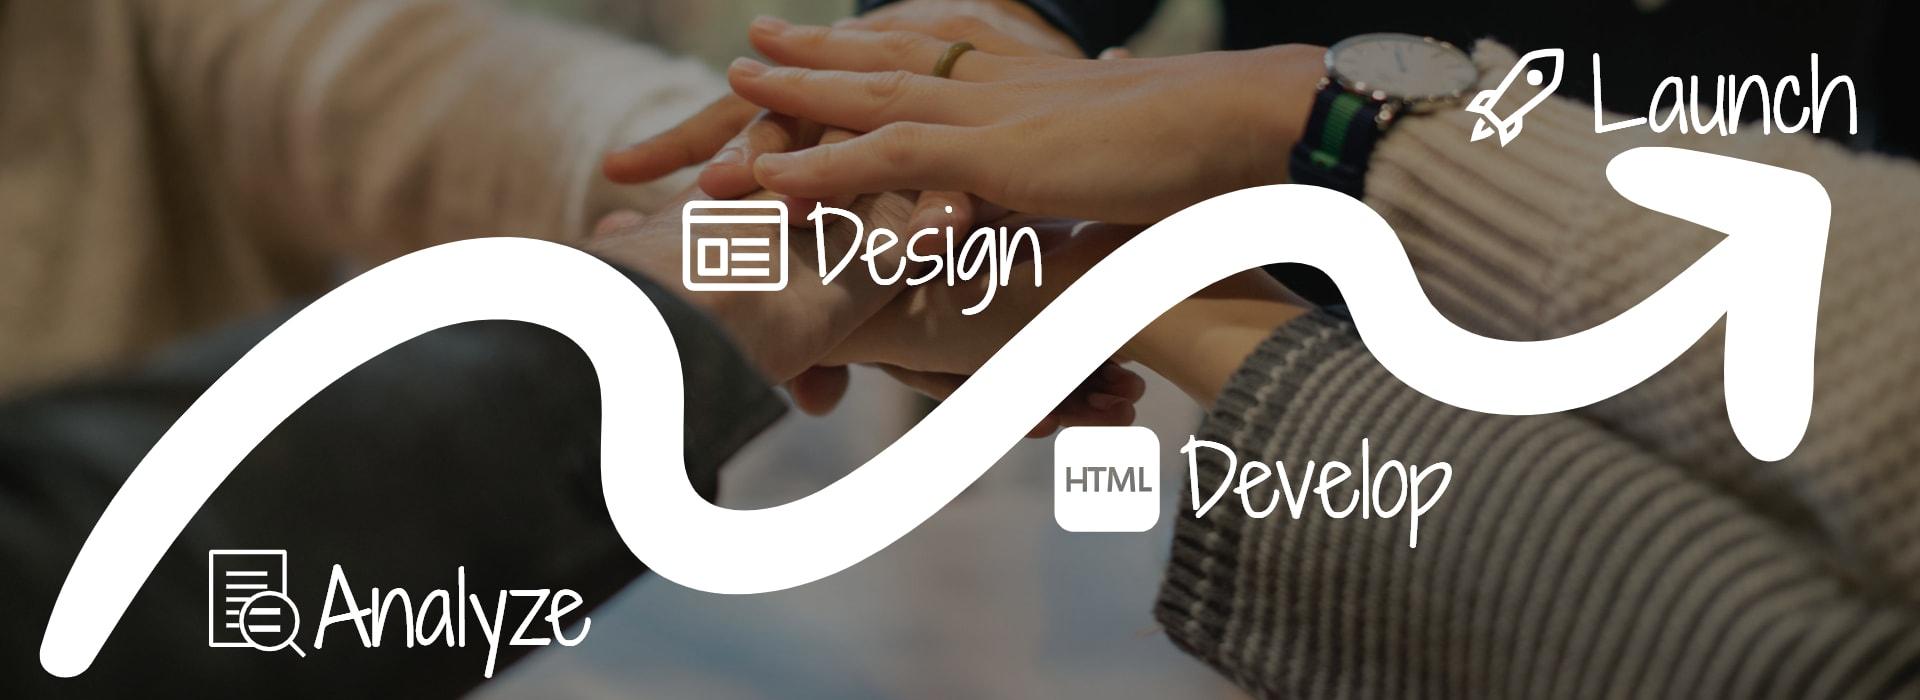 analyze website-design-develop-launch